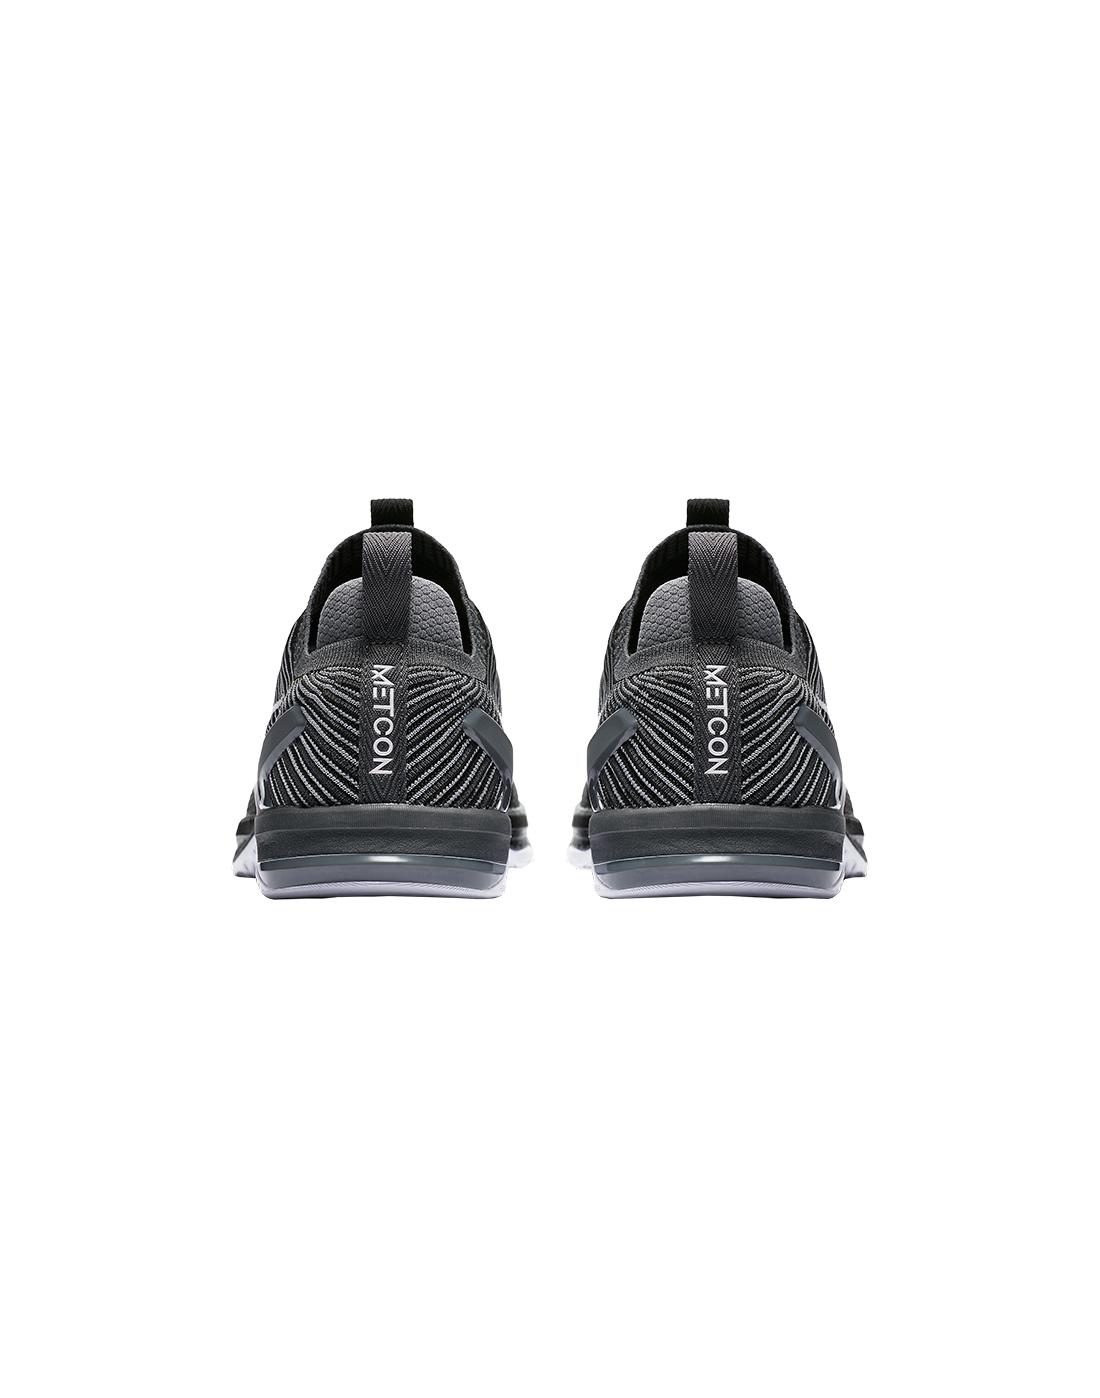 5ad5491b0639 Men s Black Nike Metcon Flyknit 2